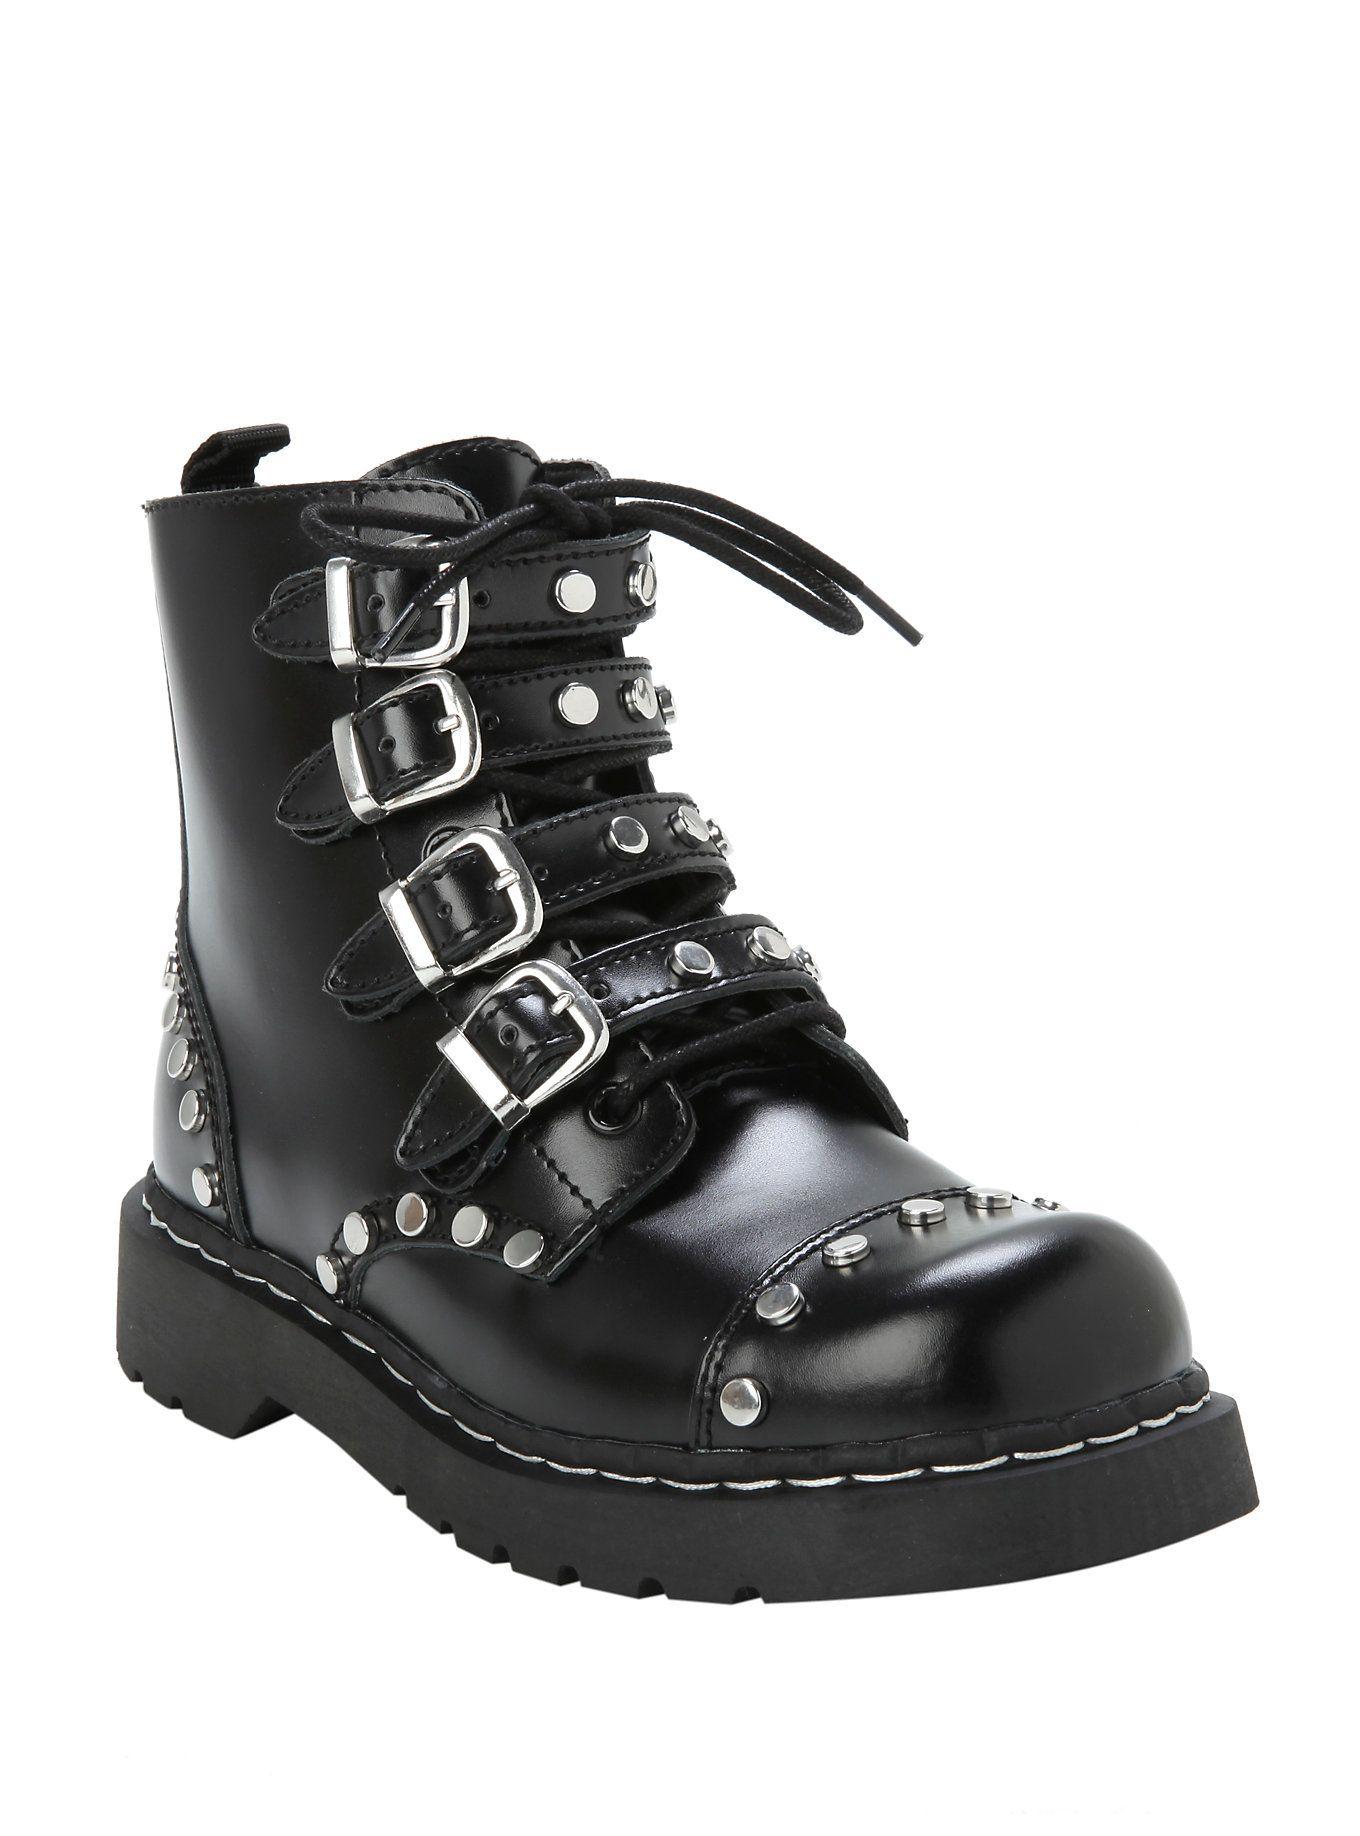 Chaussures - Cheville Oeil Bottes mBQB67